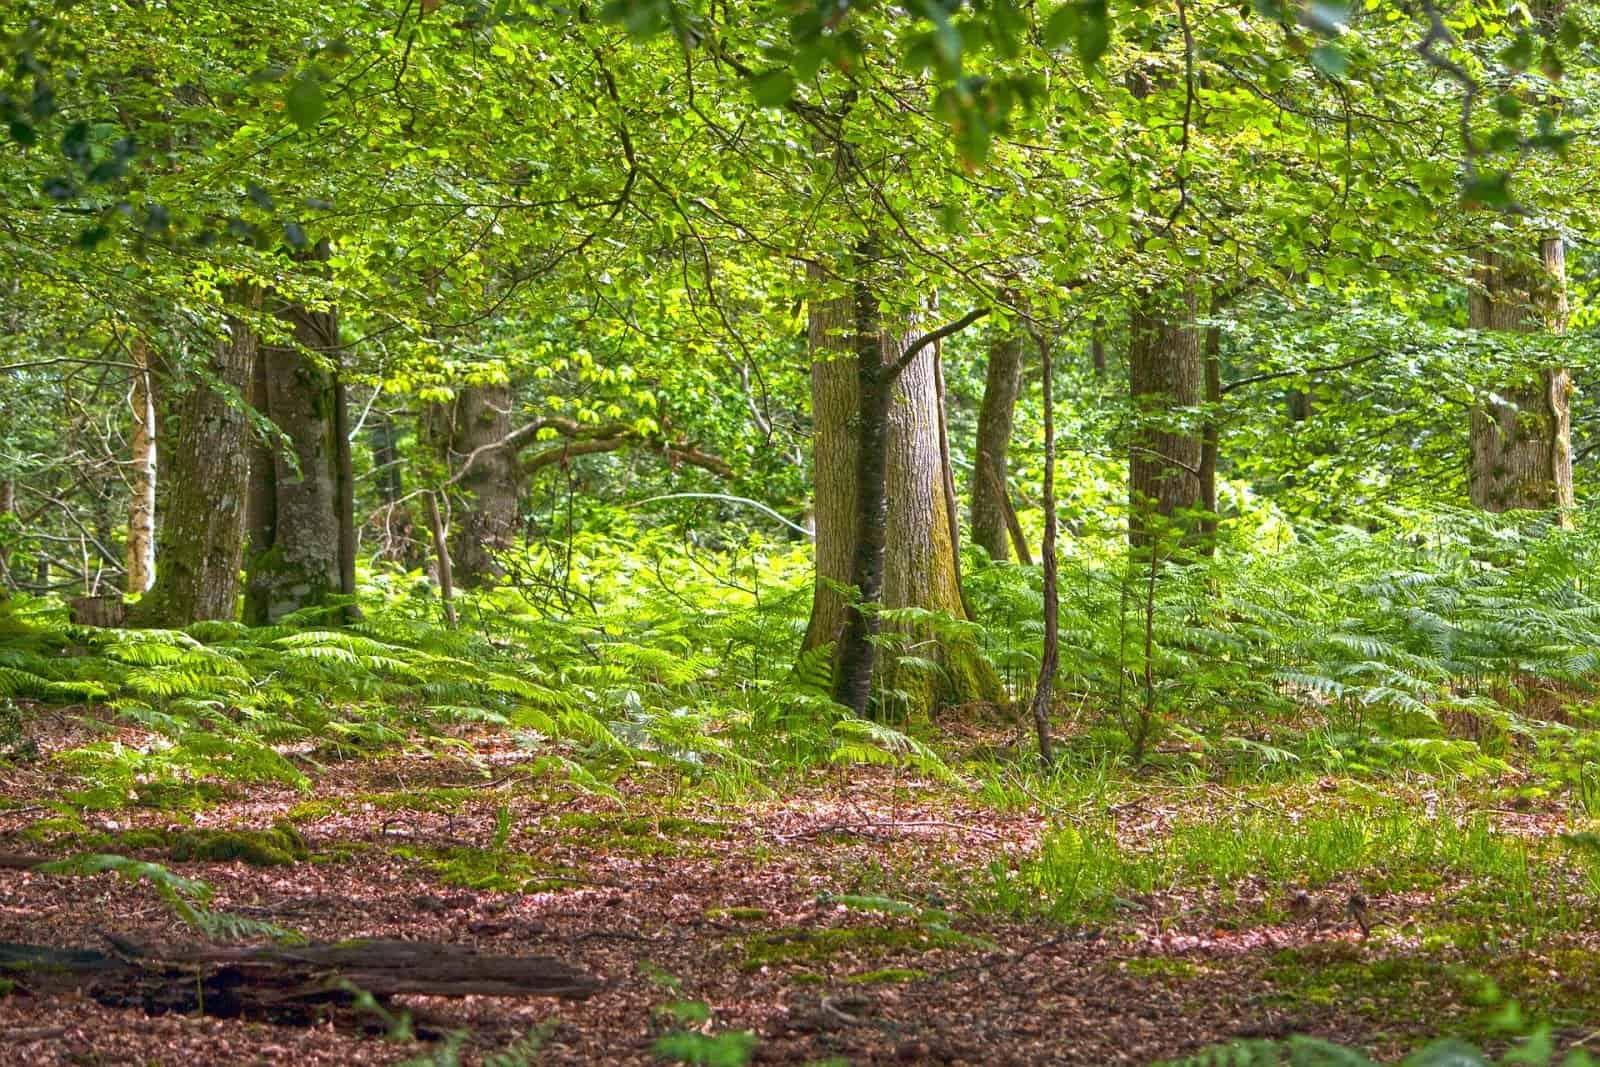 Respirare la foresta: come varia e come prevedere la concentrazione di olii essenziali